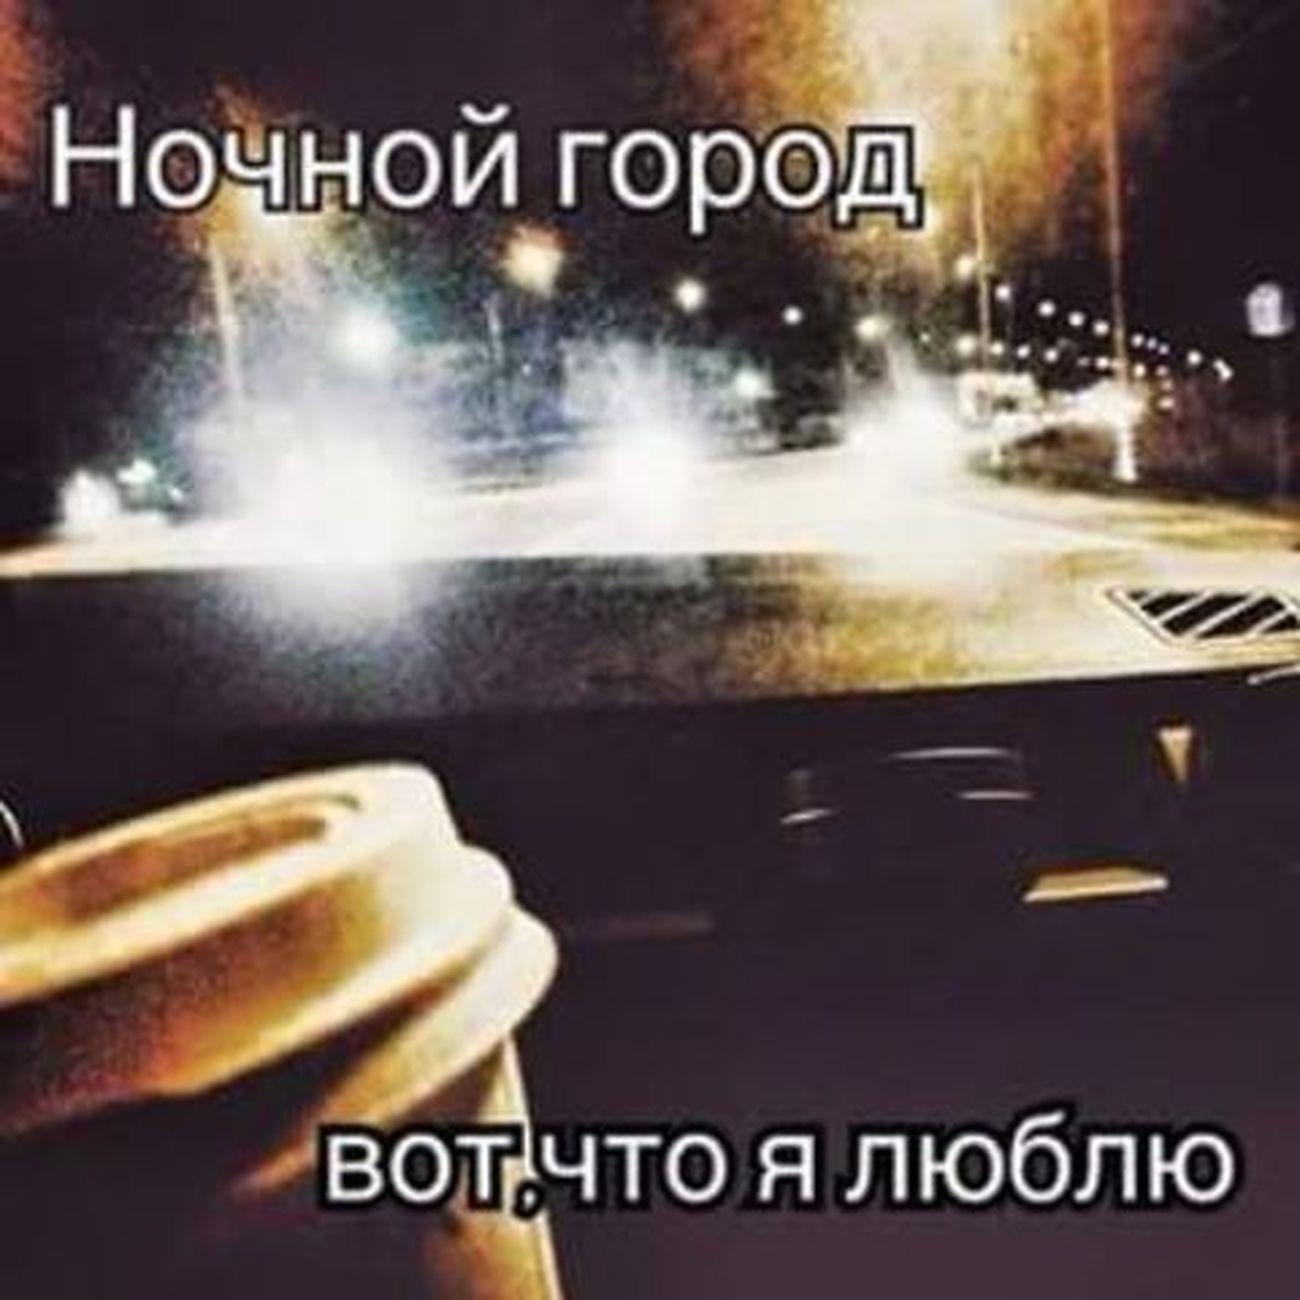 Night Iubesc Noptile Petrecute Cu Persoanele Apropiate De Inima Beauty